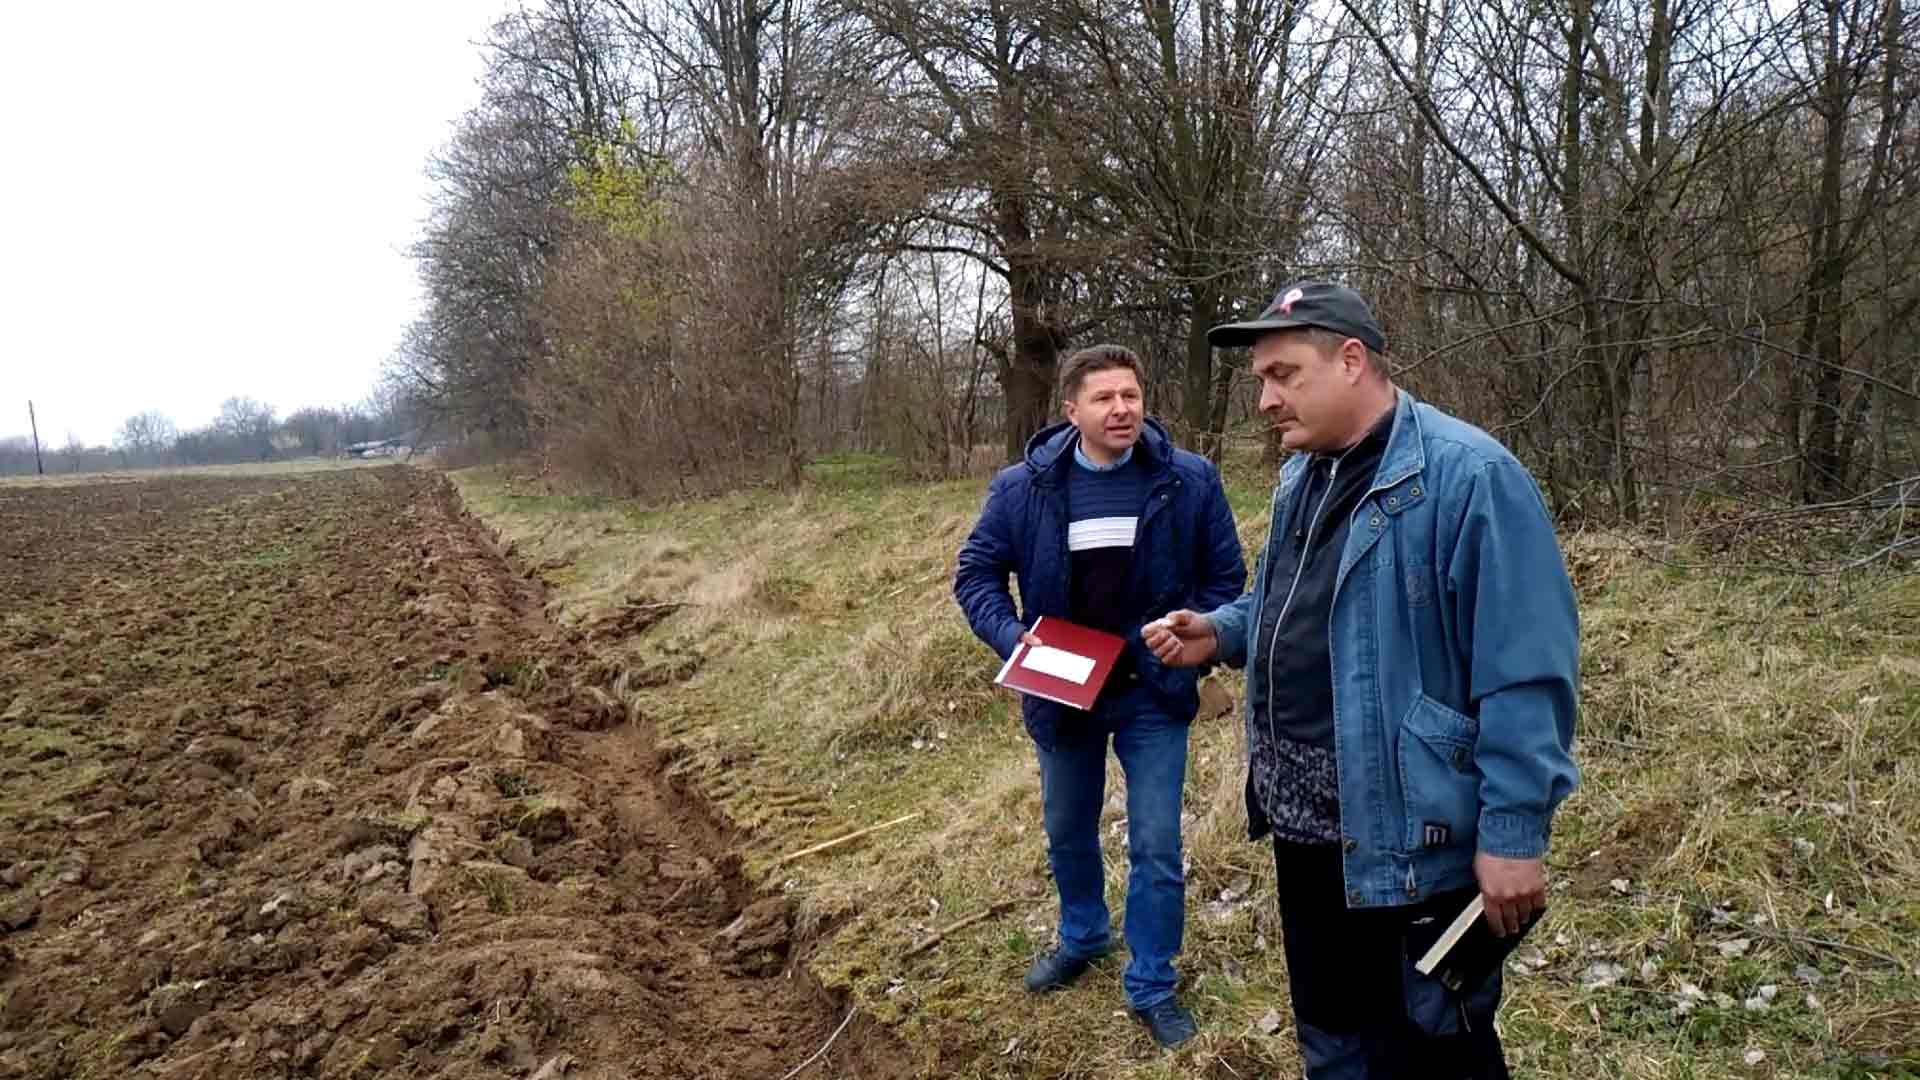 Останки 10 німецьких солдатів, знайдені під Рубанню, викликали великий резонанс… І не лише як подія, але й приватизація землі під ними